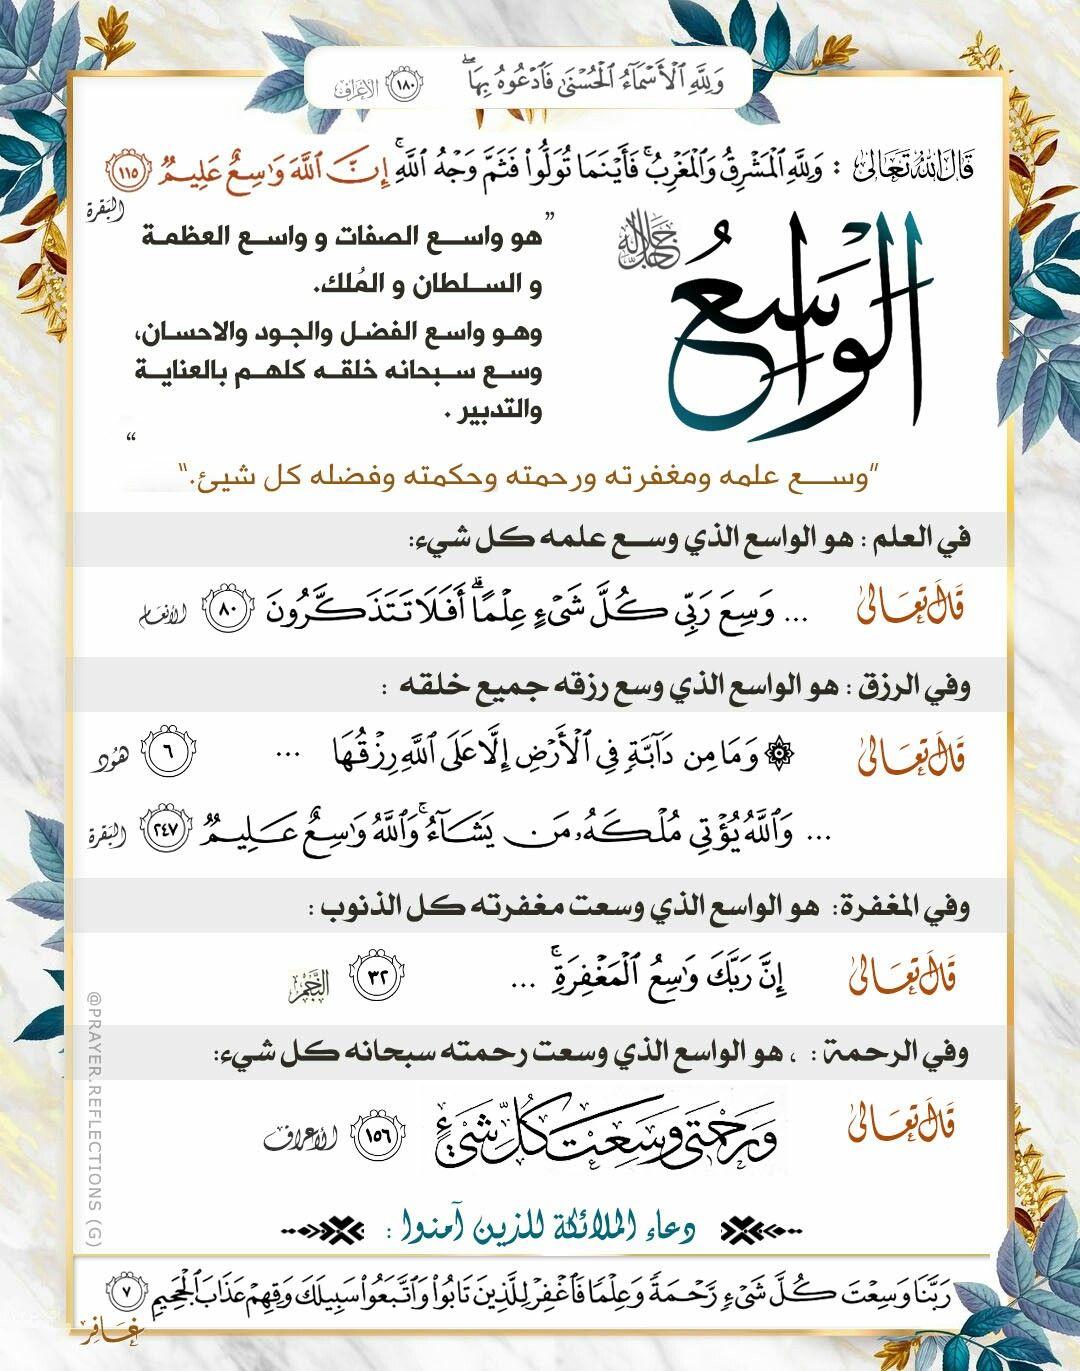 اسماء الله الحسنى اسم الله الواسع Learn Islam Arabic Words Words